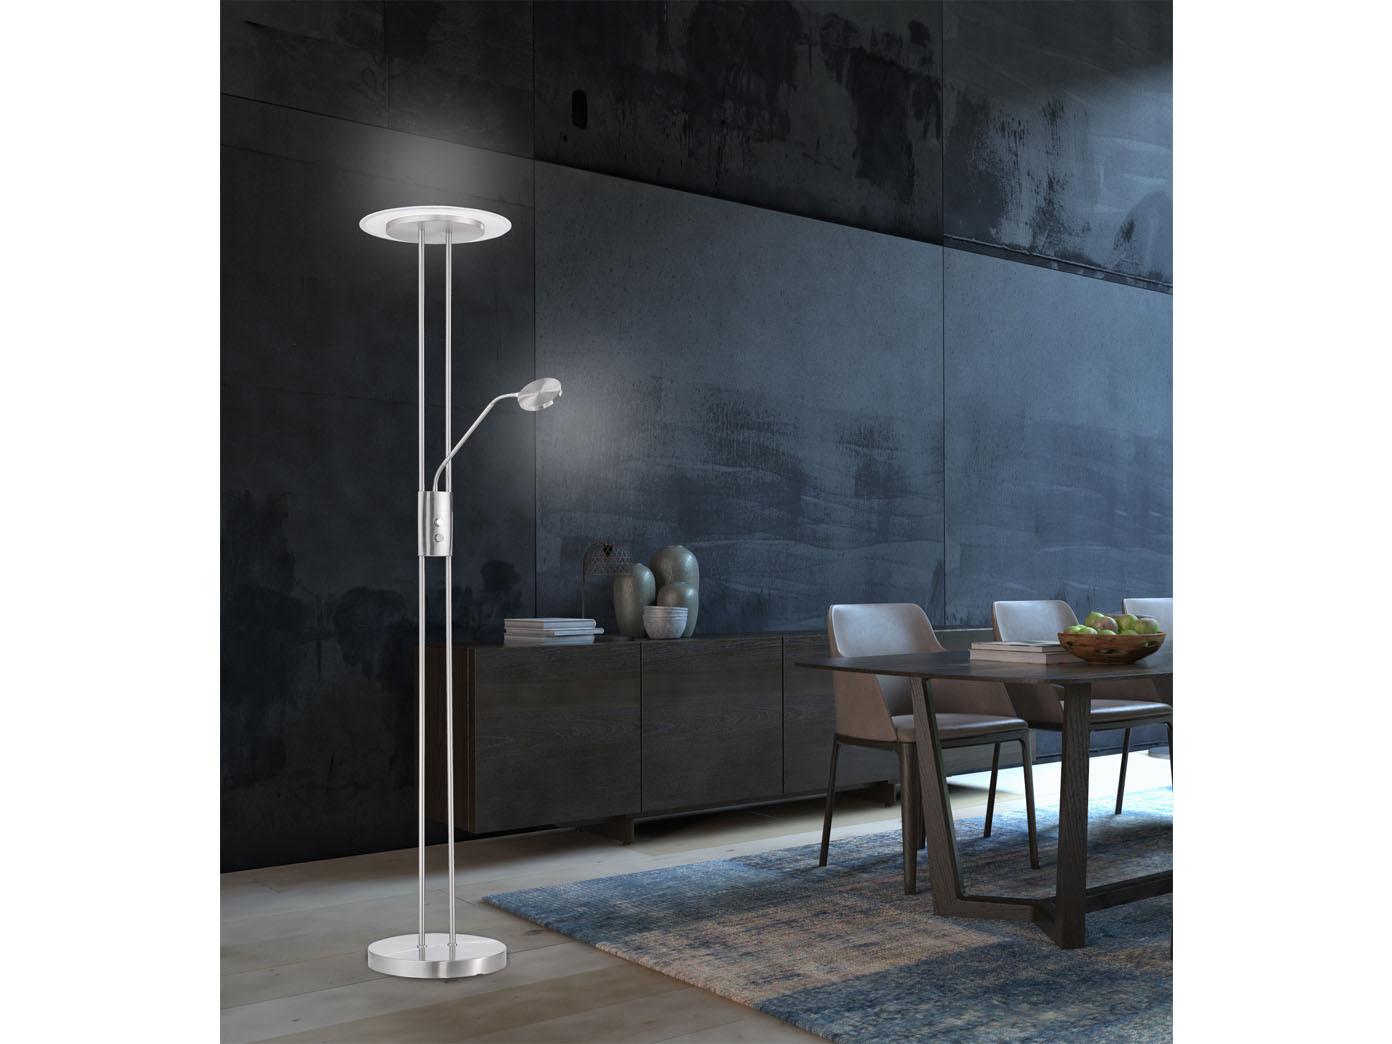 Standlampe-mit-Leselampe-LED-dimmbar-H-183cm-Nickel-matt-Deckenfluter-Buerolampe